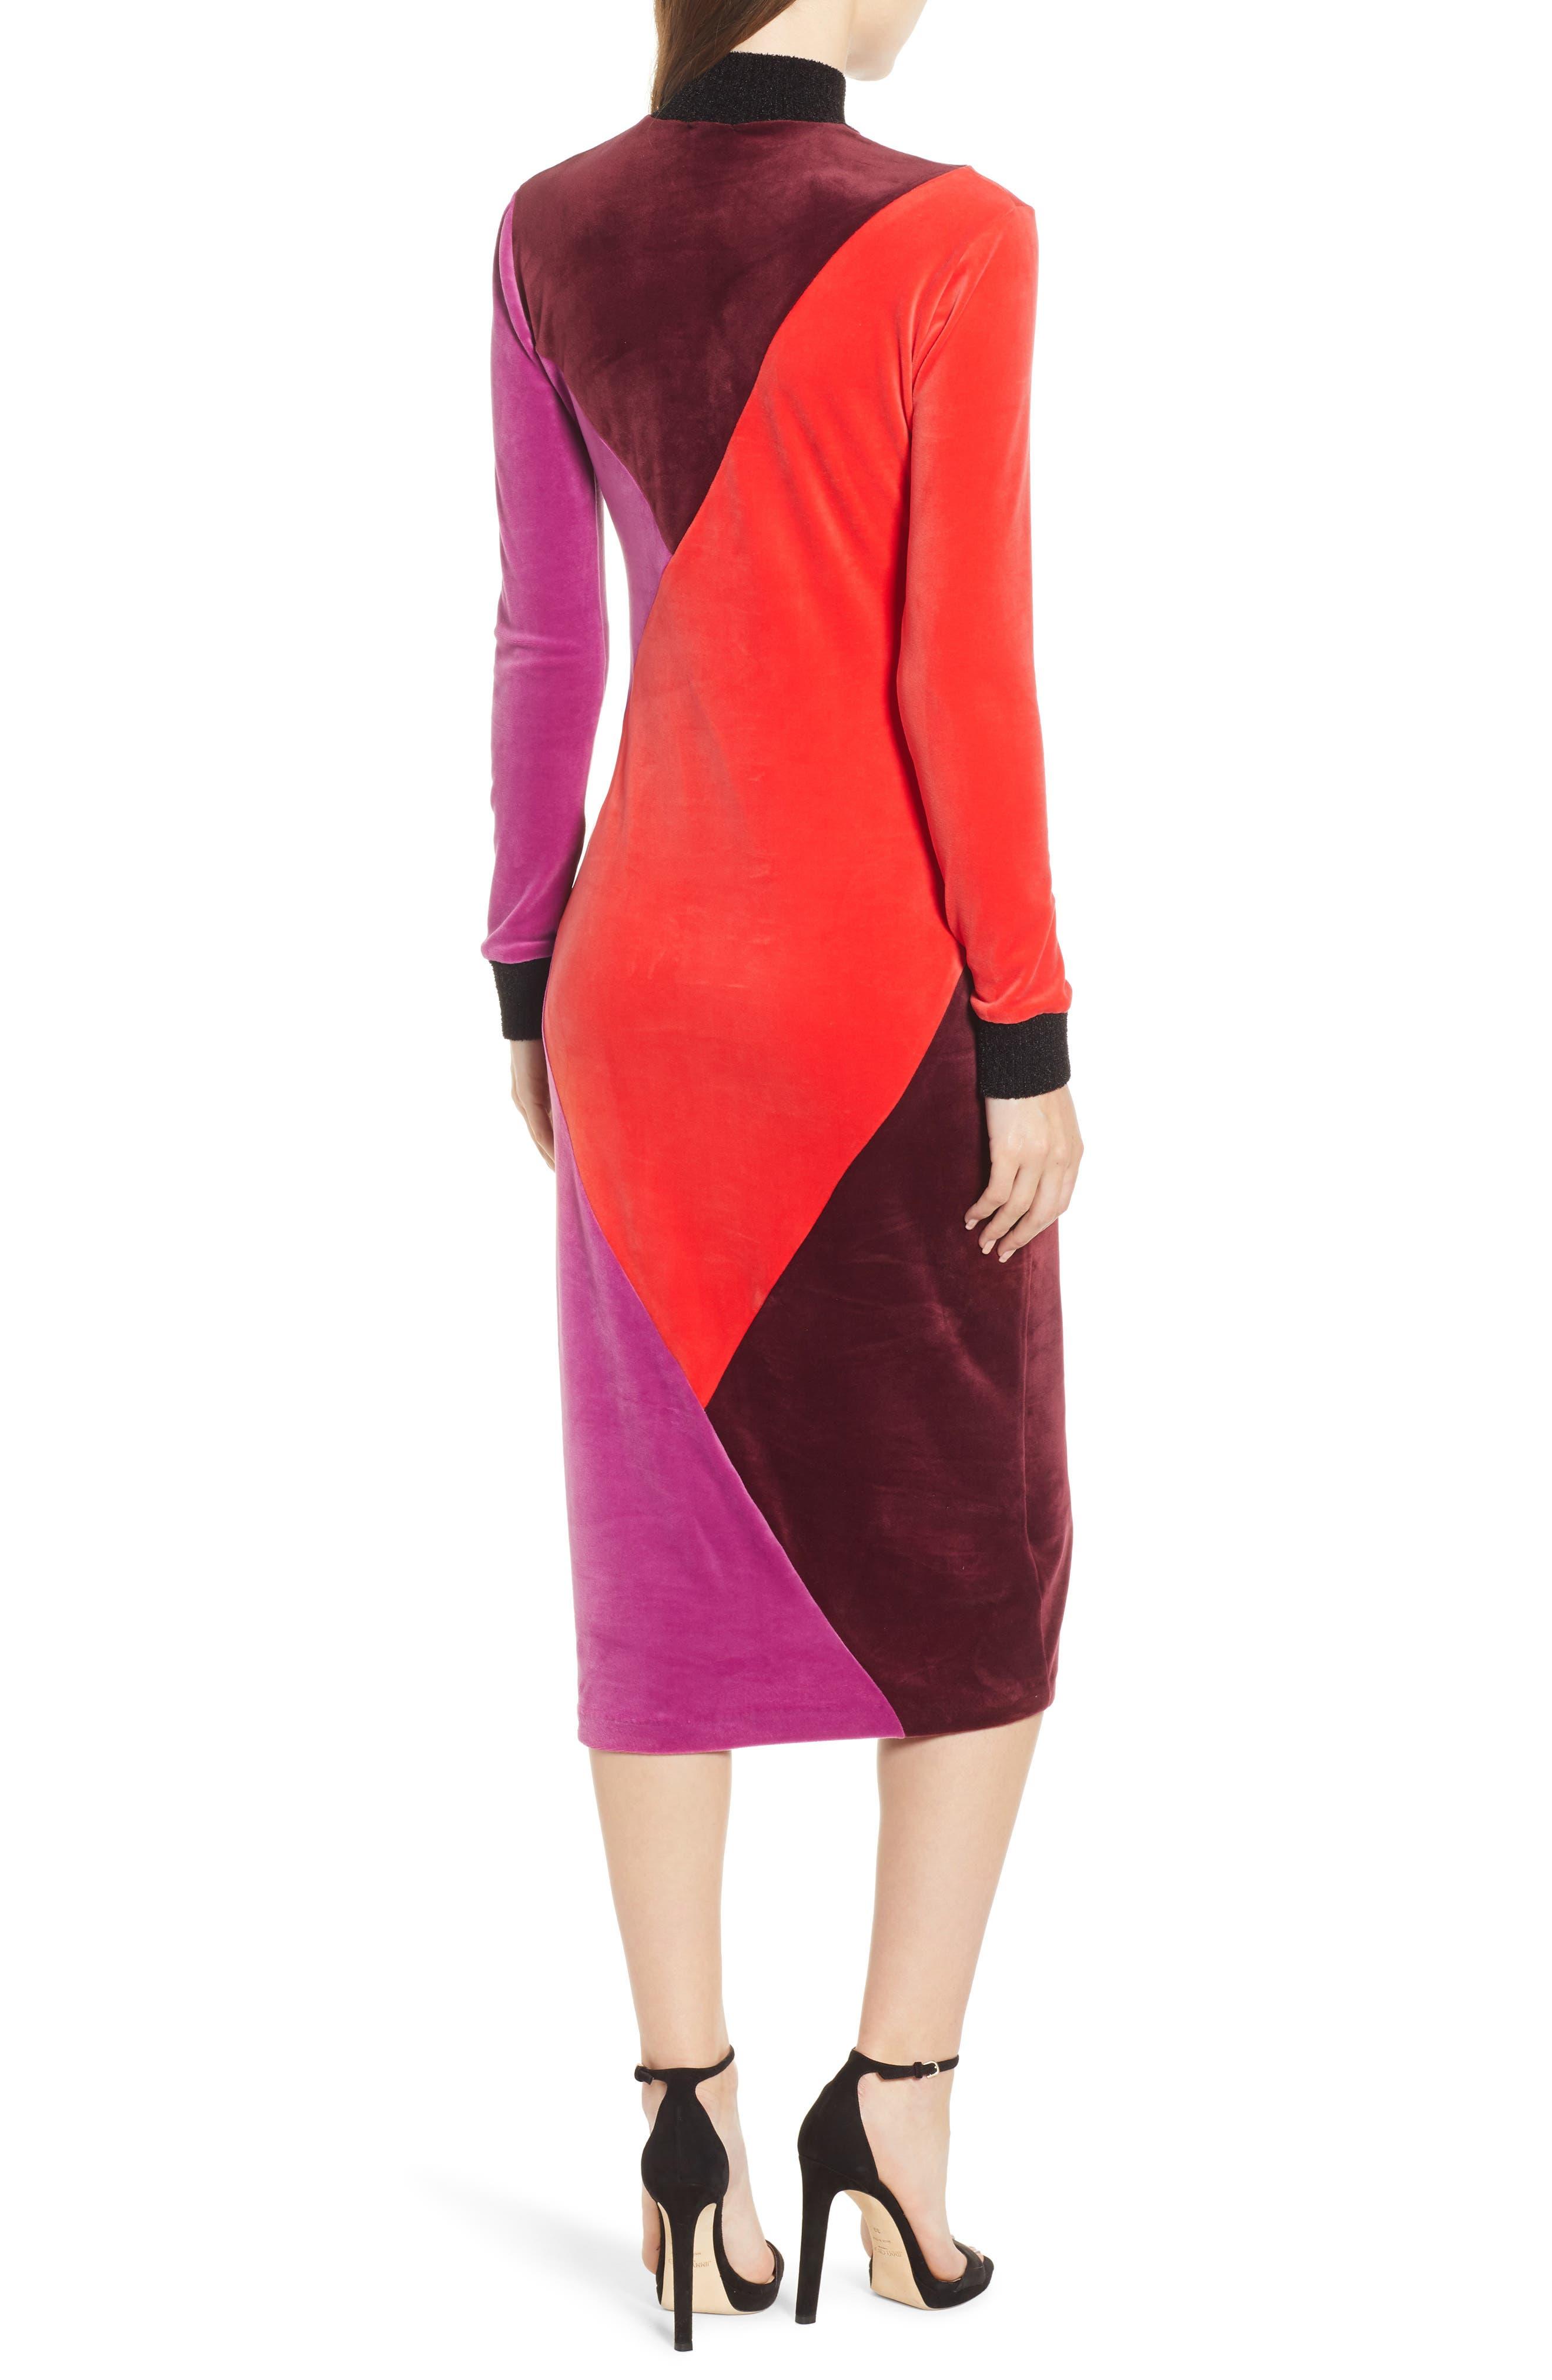 SPLENDID, Velluto Velour Midi Dress, Alternate thumbnail 2, color, 502